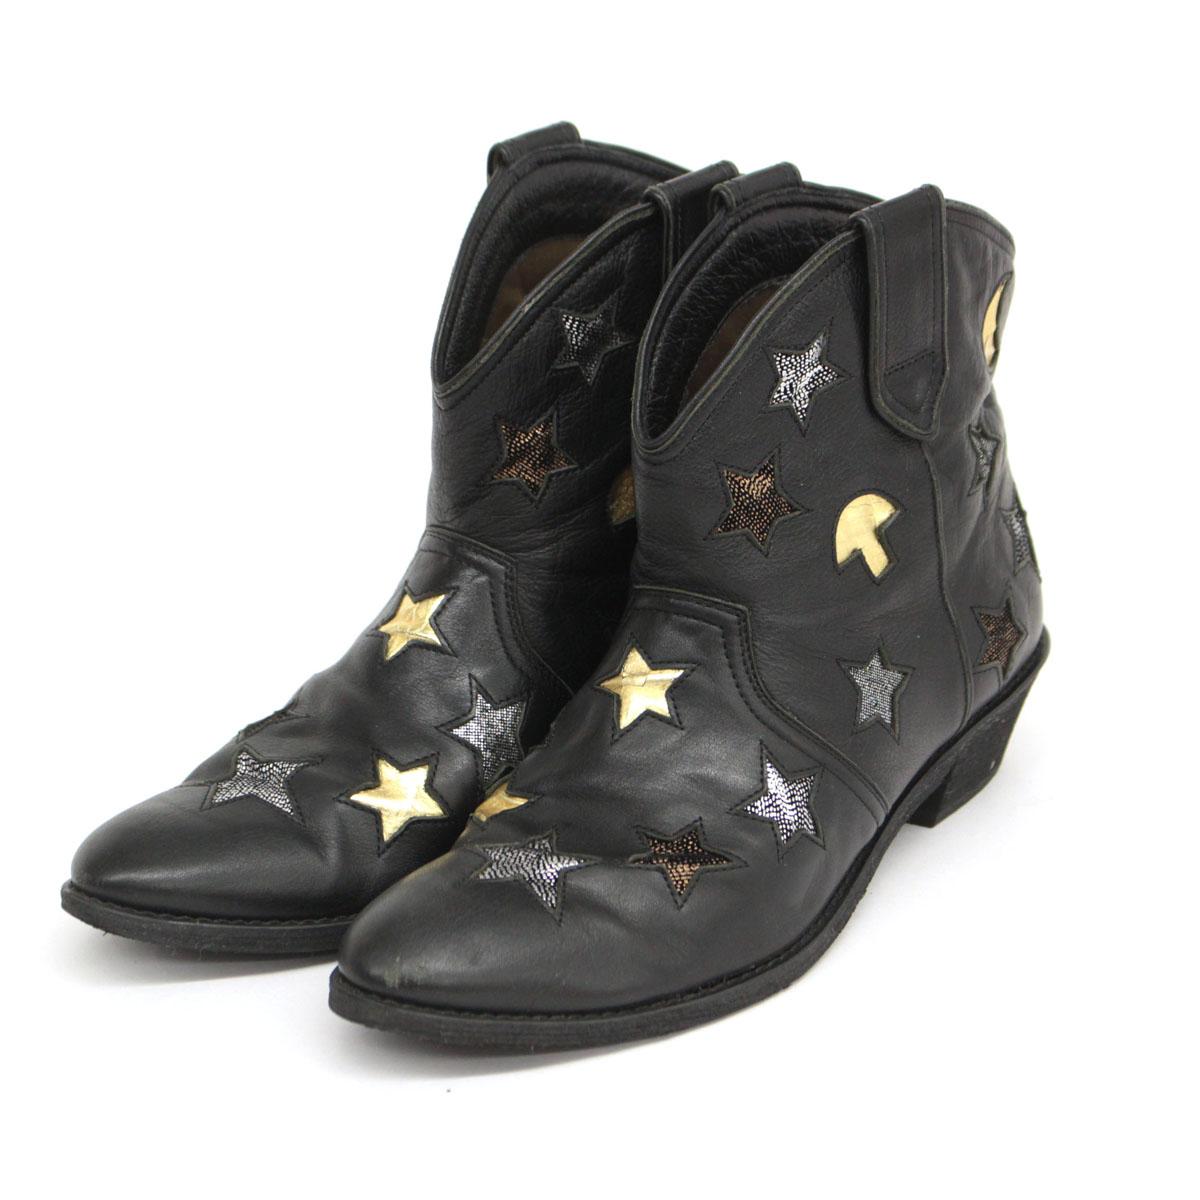 tsumori chisato ツモリチサト 星柄ショートブーツ サイズ24 1 2 black ヒール レザー 返品送料無料 当店限定販売 中古 ブラック 靴 ウエスタン レディース 黒